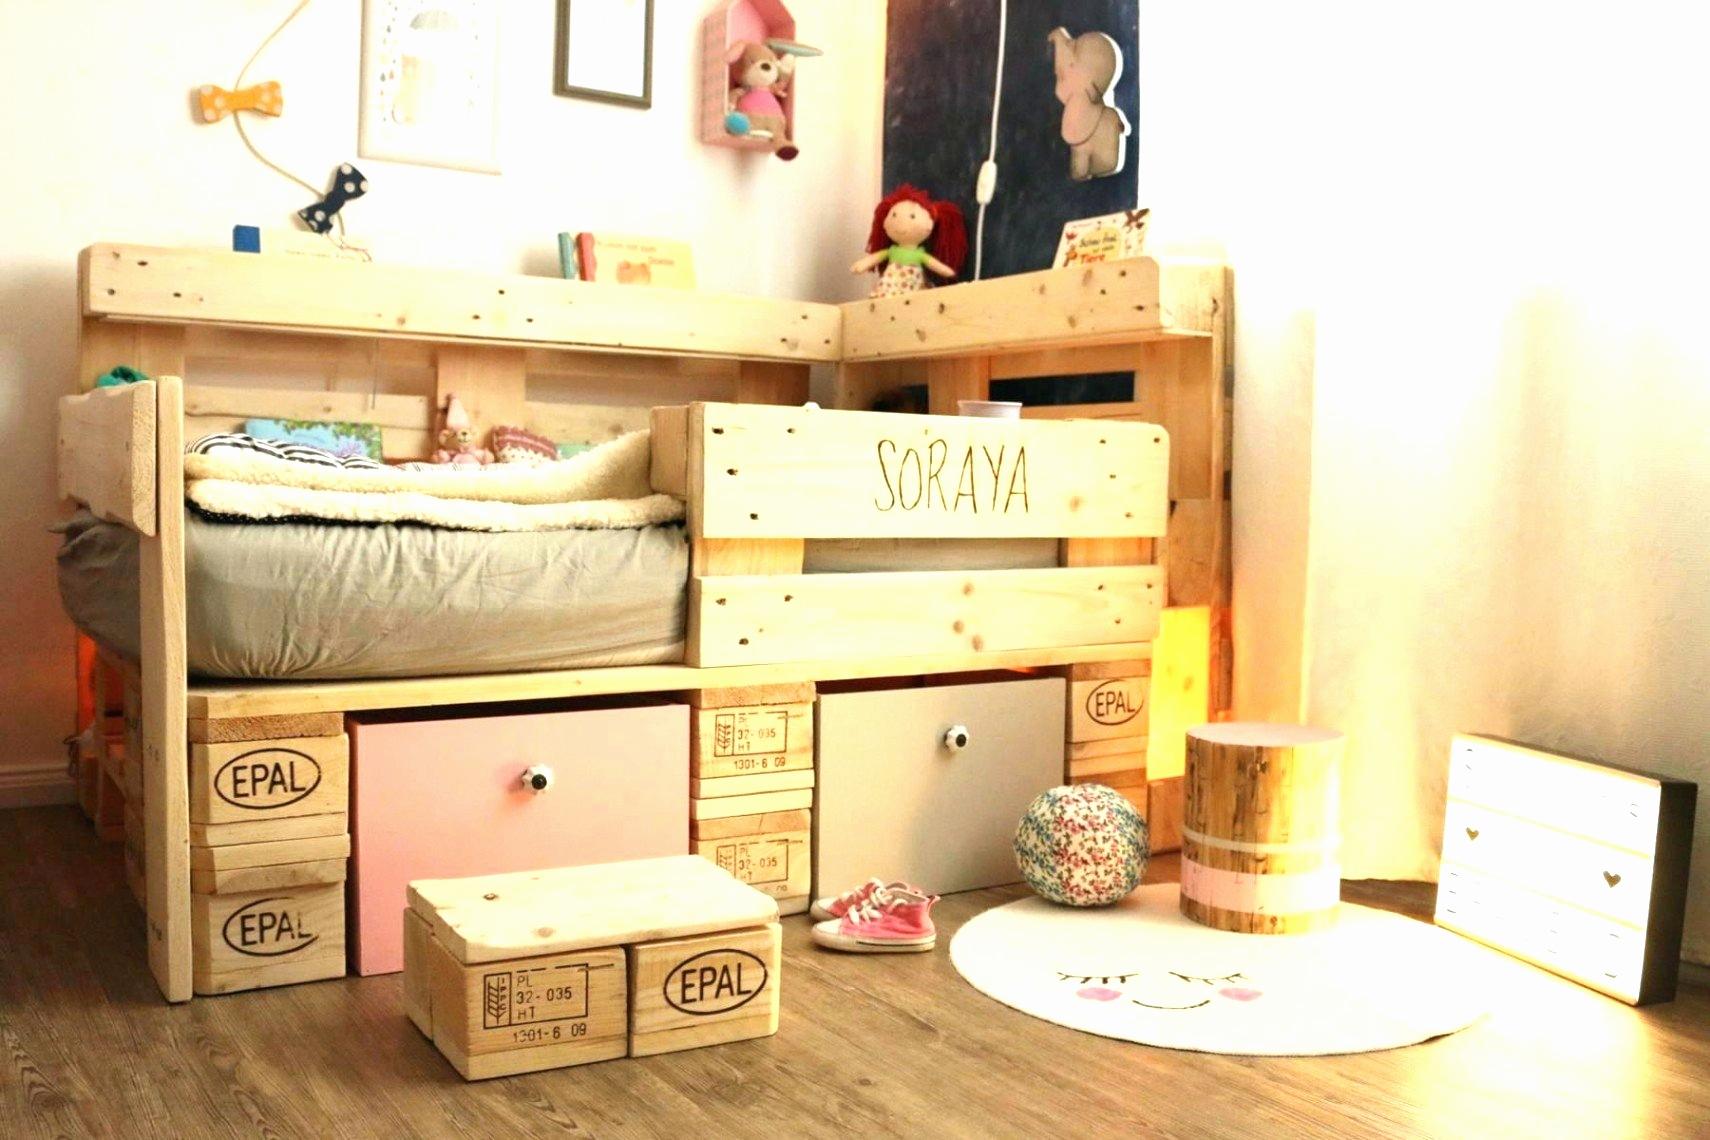 Full Size of Hochbett Mit Rutsche Ikea Genial Doppel Bett Massivholz 180x200 Günstig Kaufen Hoch Kleinkind Meise Betten Weißes 140x200 Ausziehbares Bette Starlet Kopfteil Wohnzimmer Ikea Bett Kinder